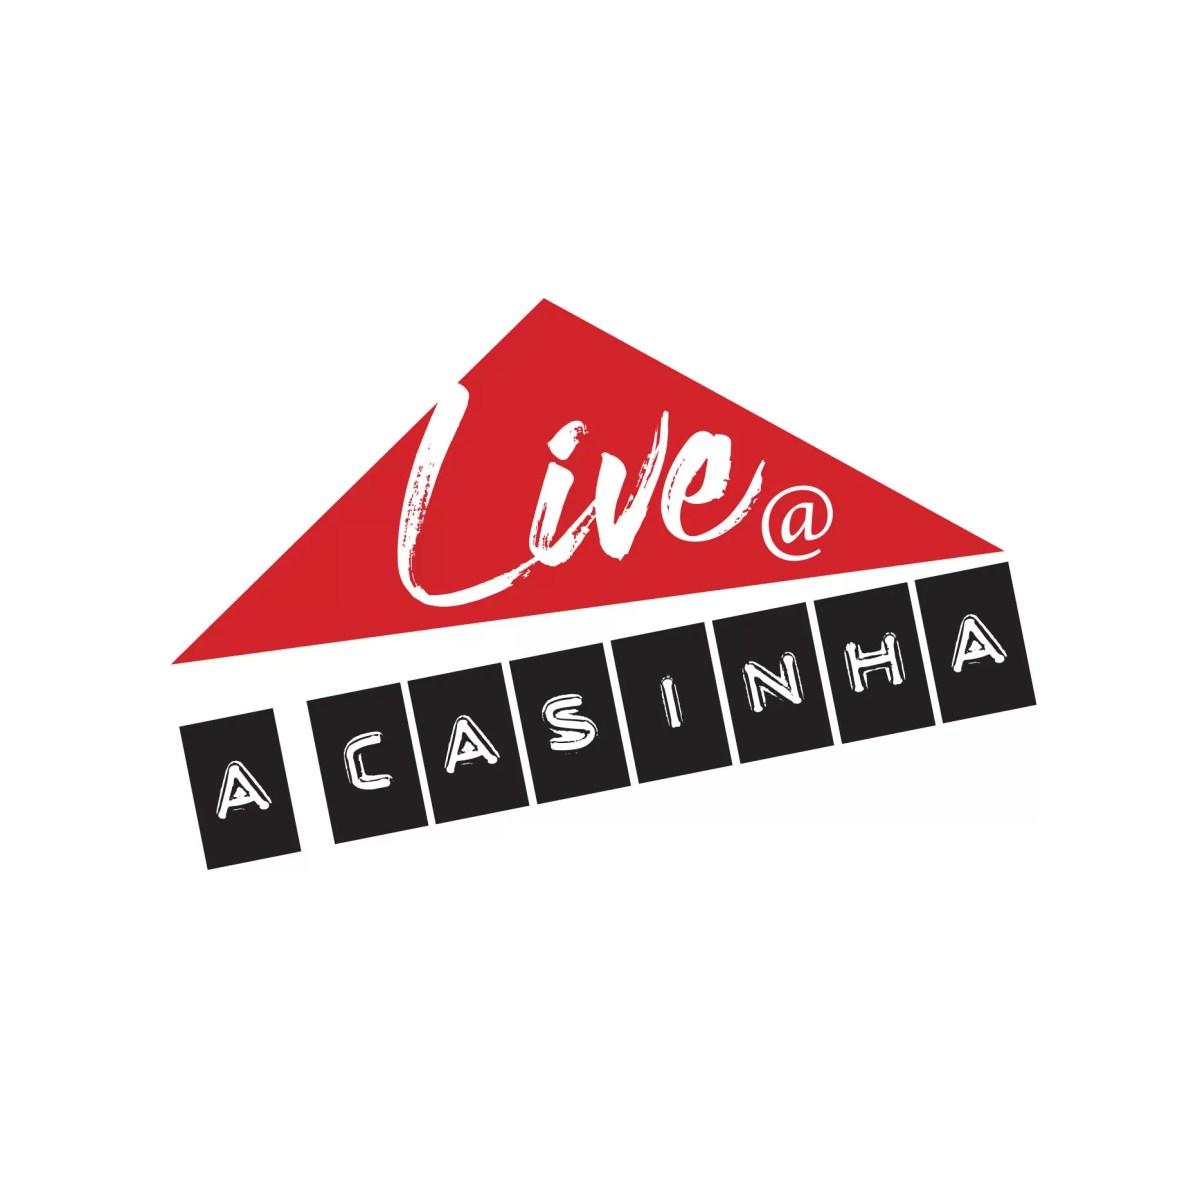 LiveAtCasinha